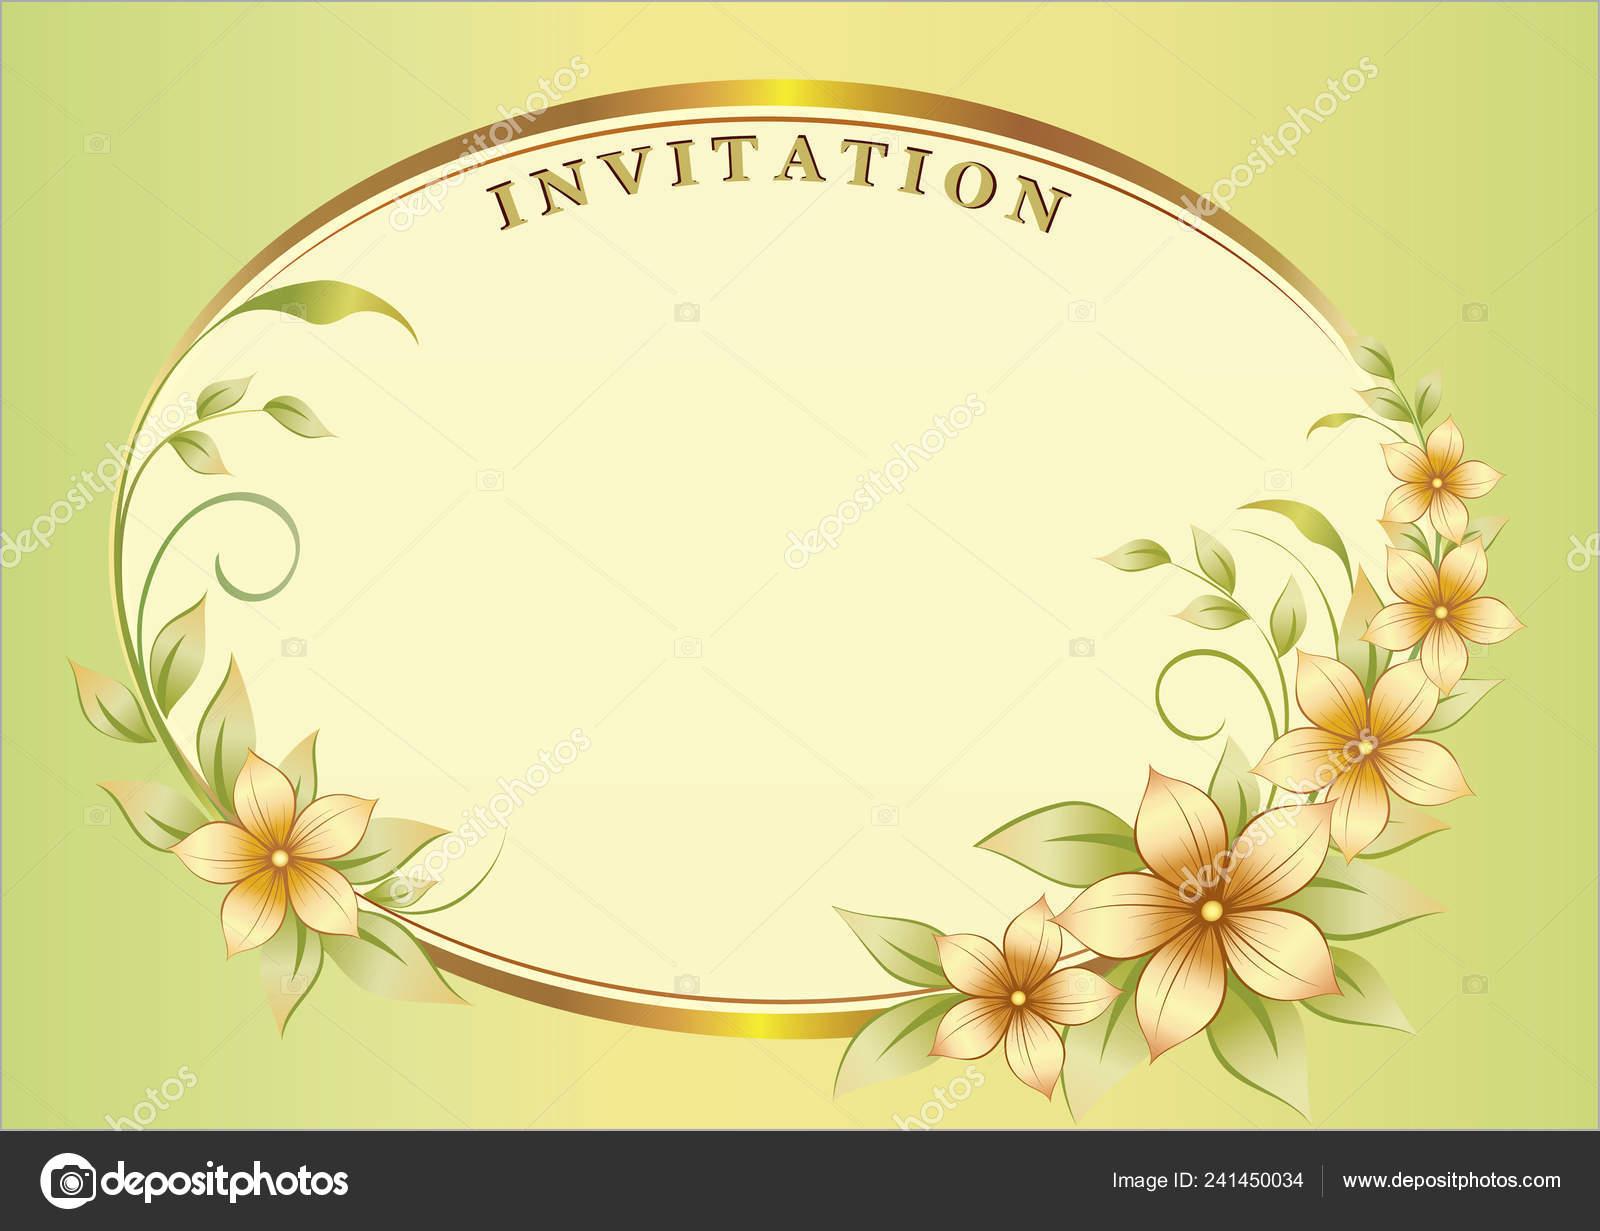 Sfondi Anniversario Di Matrimonio.Sfondo Inviti Matrimonio Compleanno Anniversario Festa